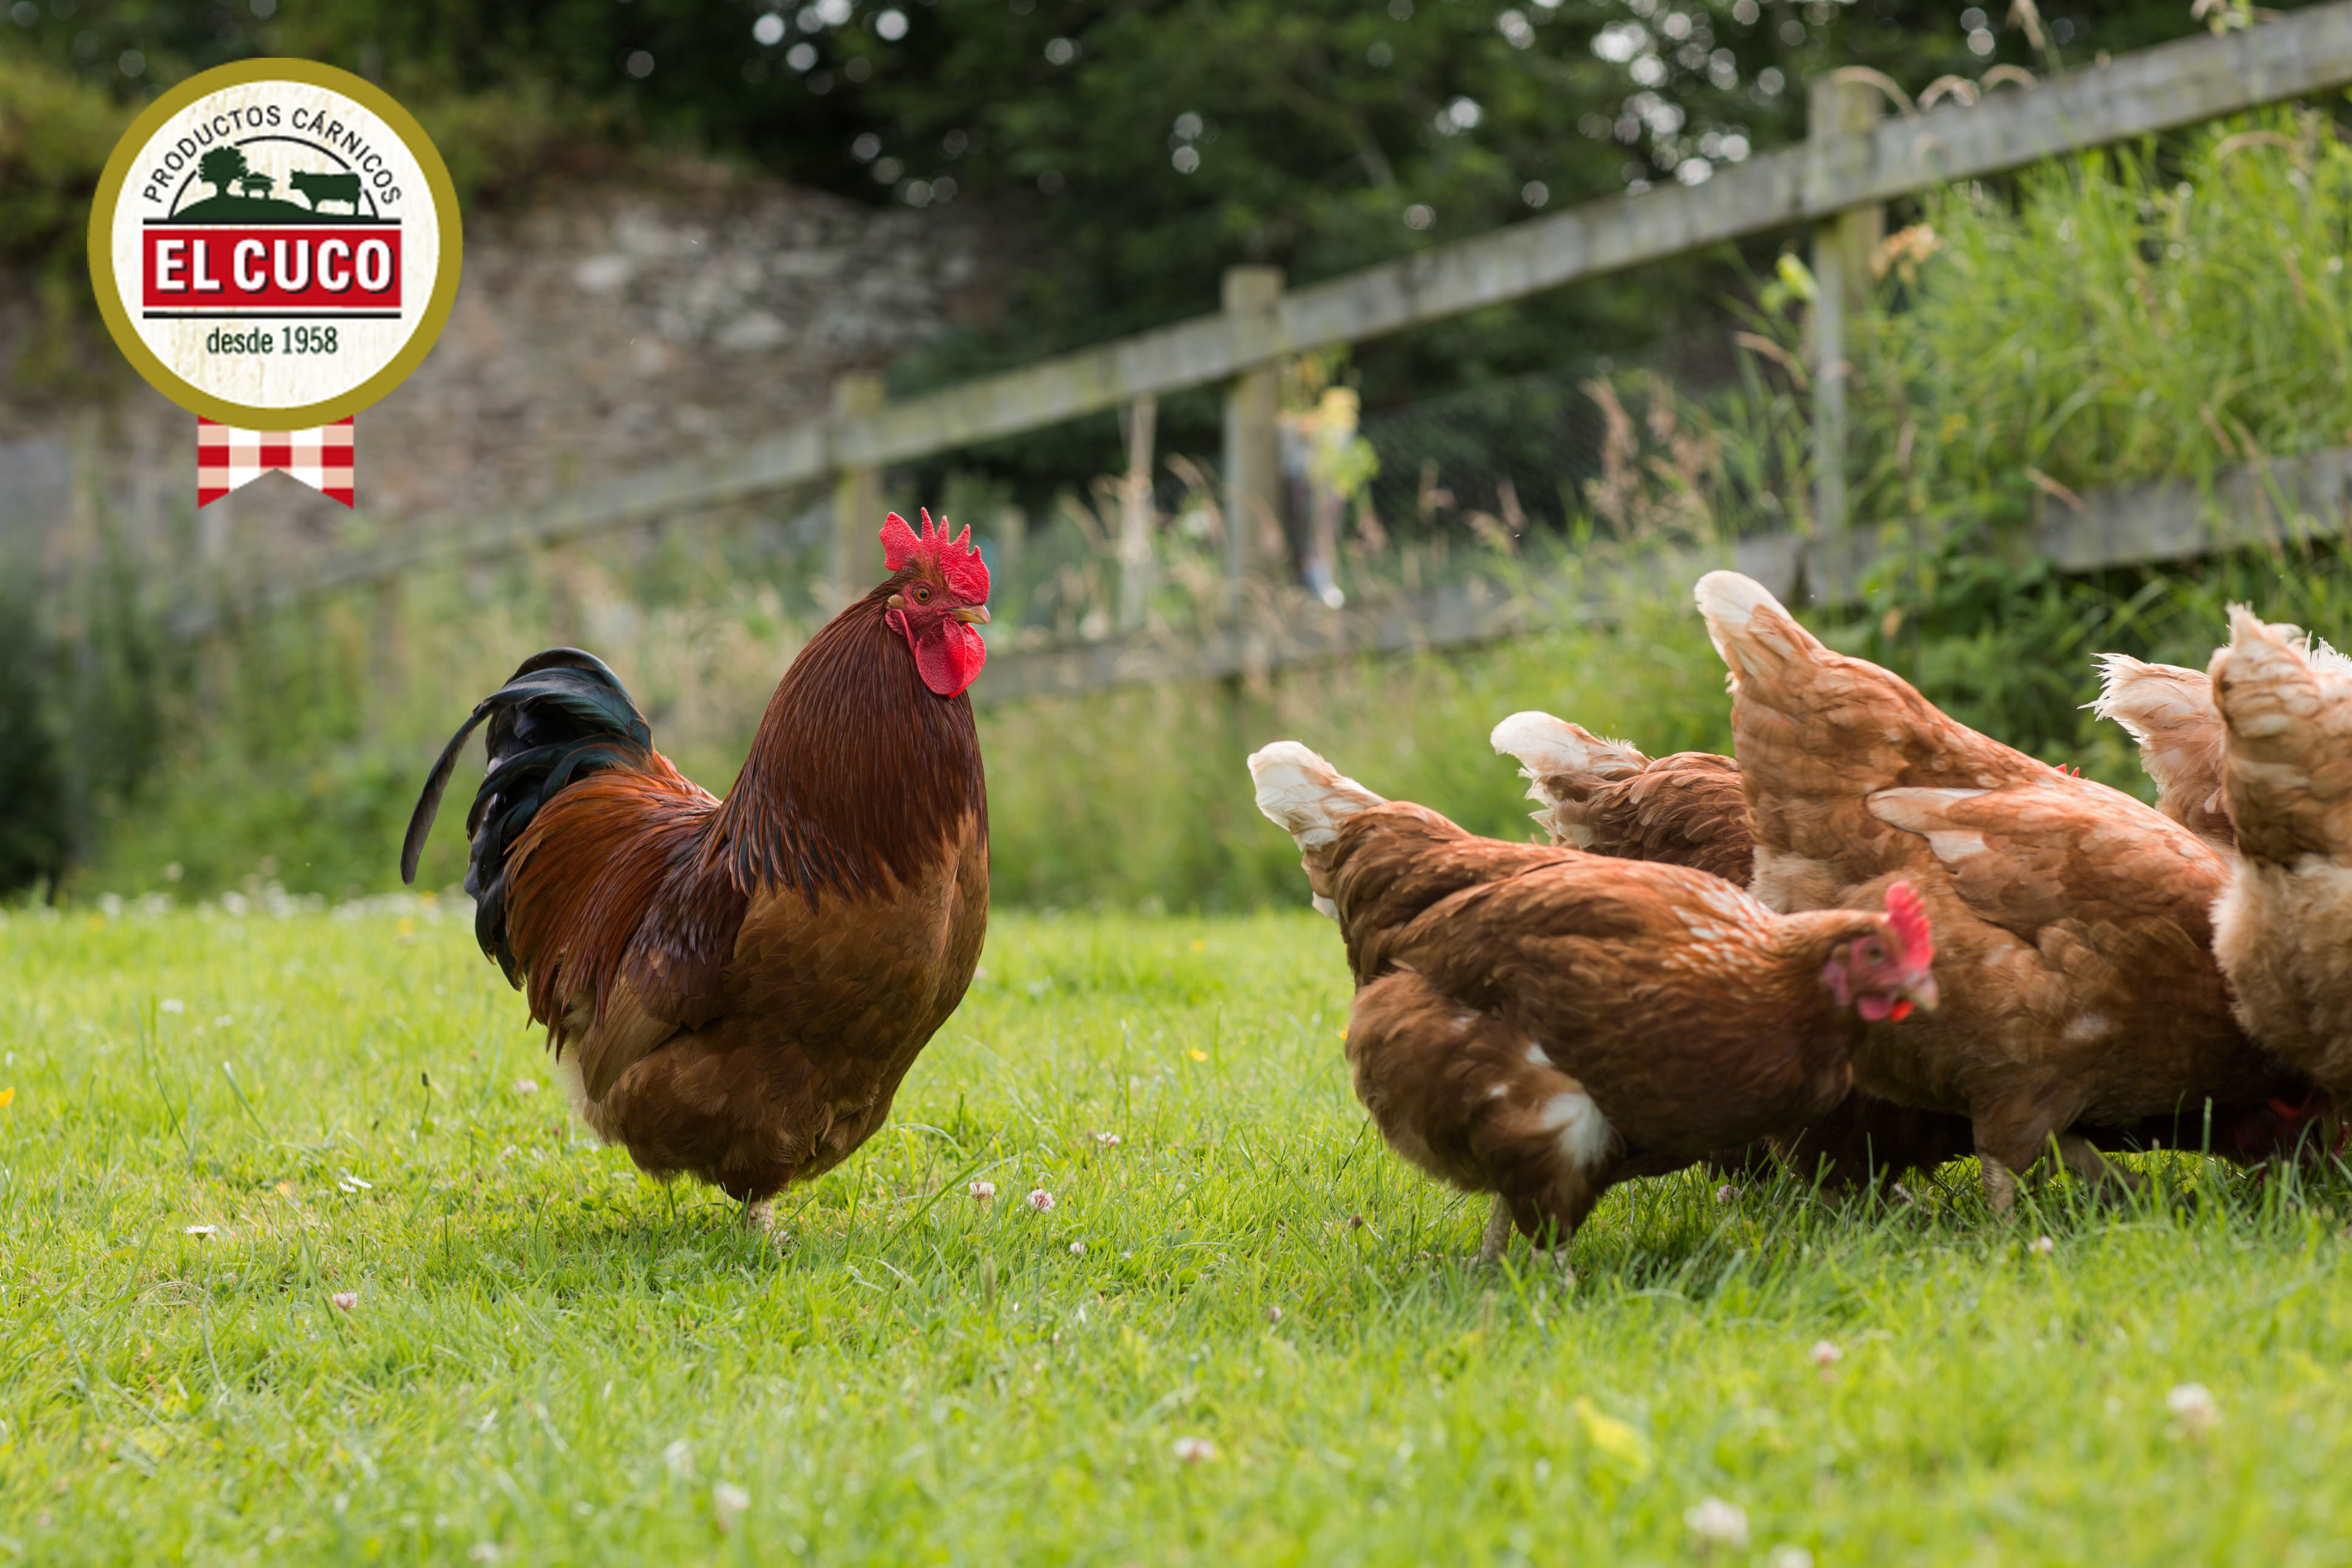 gallinas frescos cuco